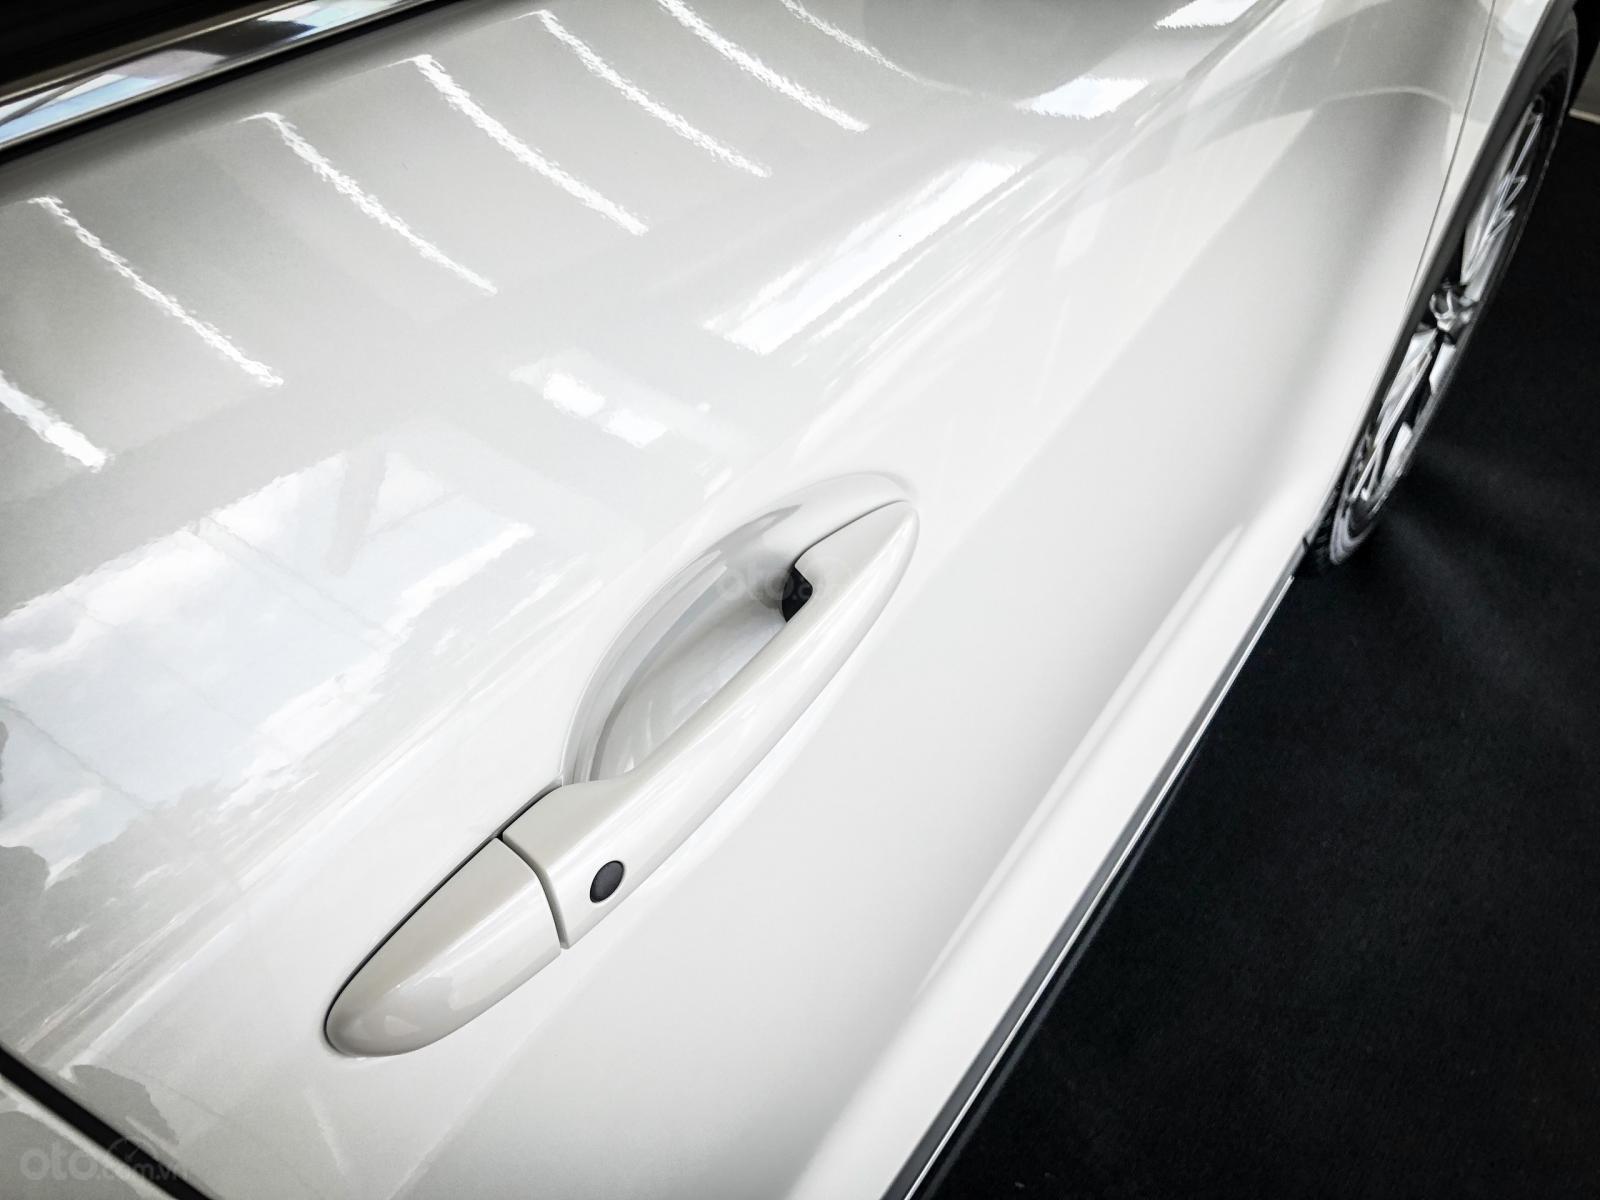 Mazda SUV 7 chỗ CX8 đủ màu, giảm giá + quà tặng, chỉ 314tr nhận xe ngay- Hỗ trợ mọi thủ tục và giao xe tận nhà (7)